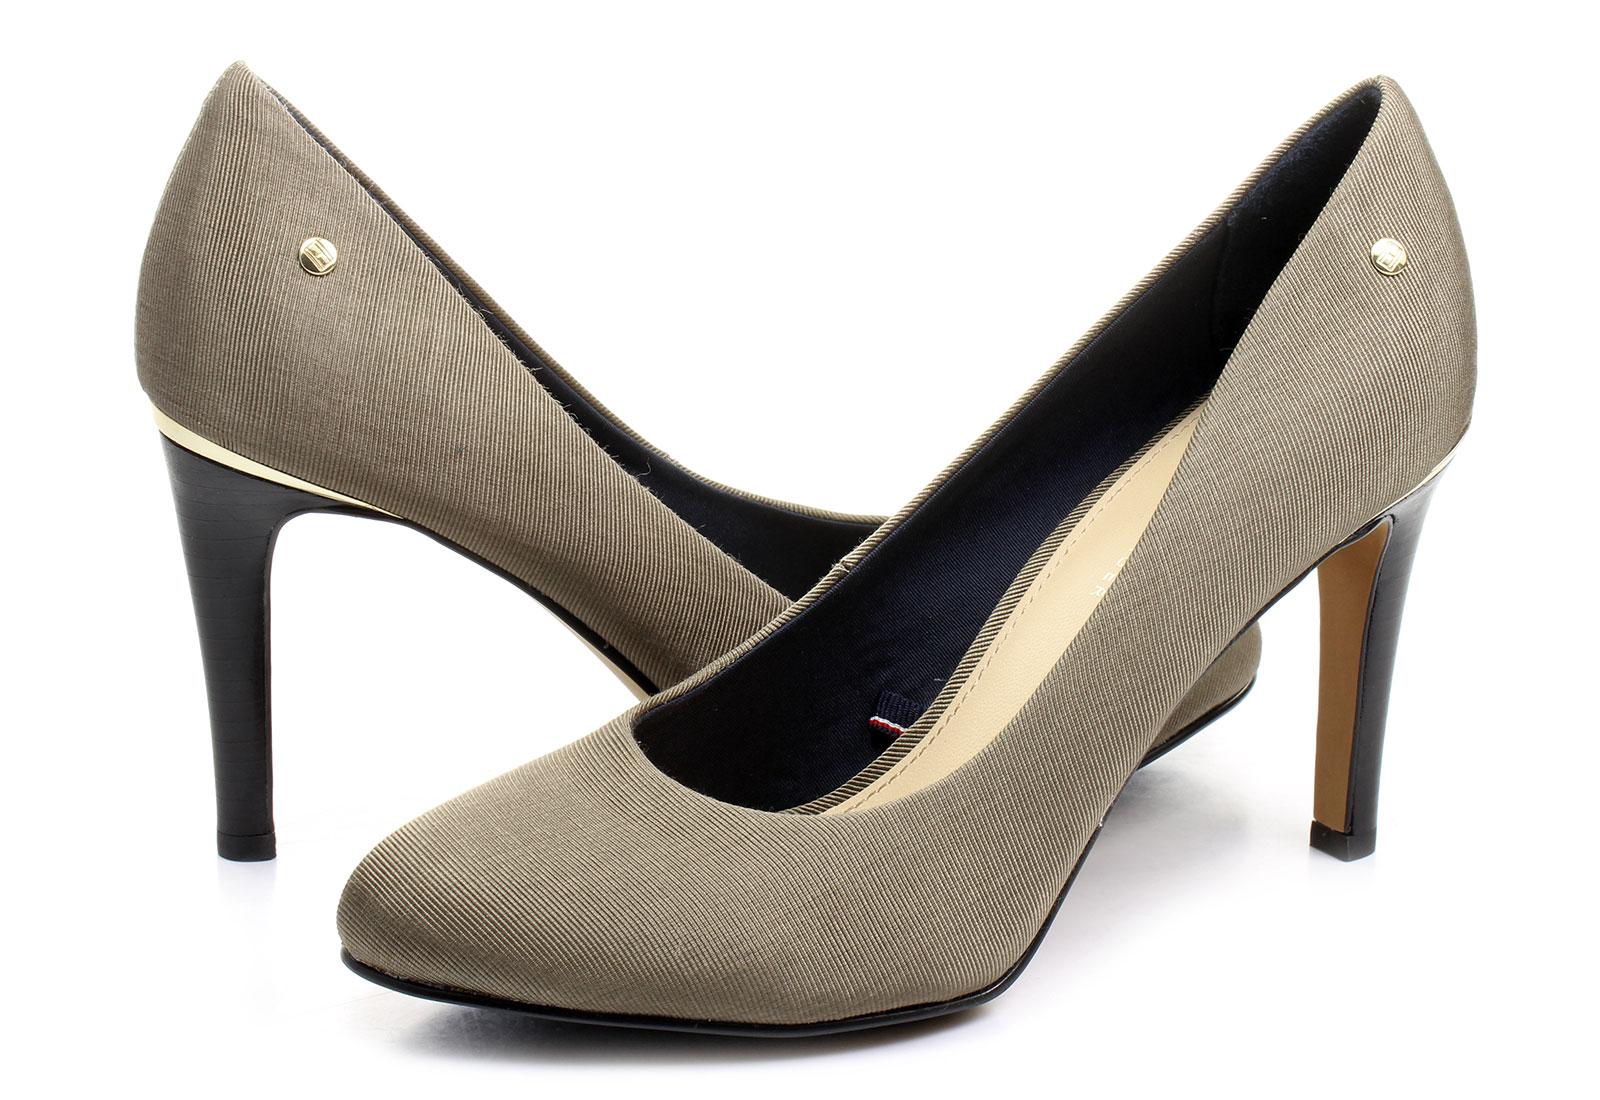 tommy hilfiger high heels layla 18d 16s 0784 255. Black Bedroom Furniture Sets. Home Design Ideas